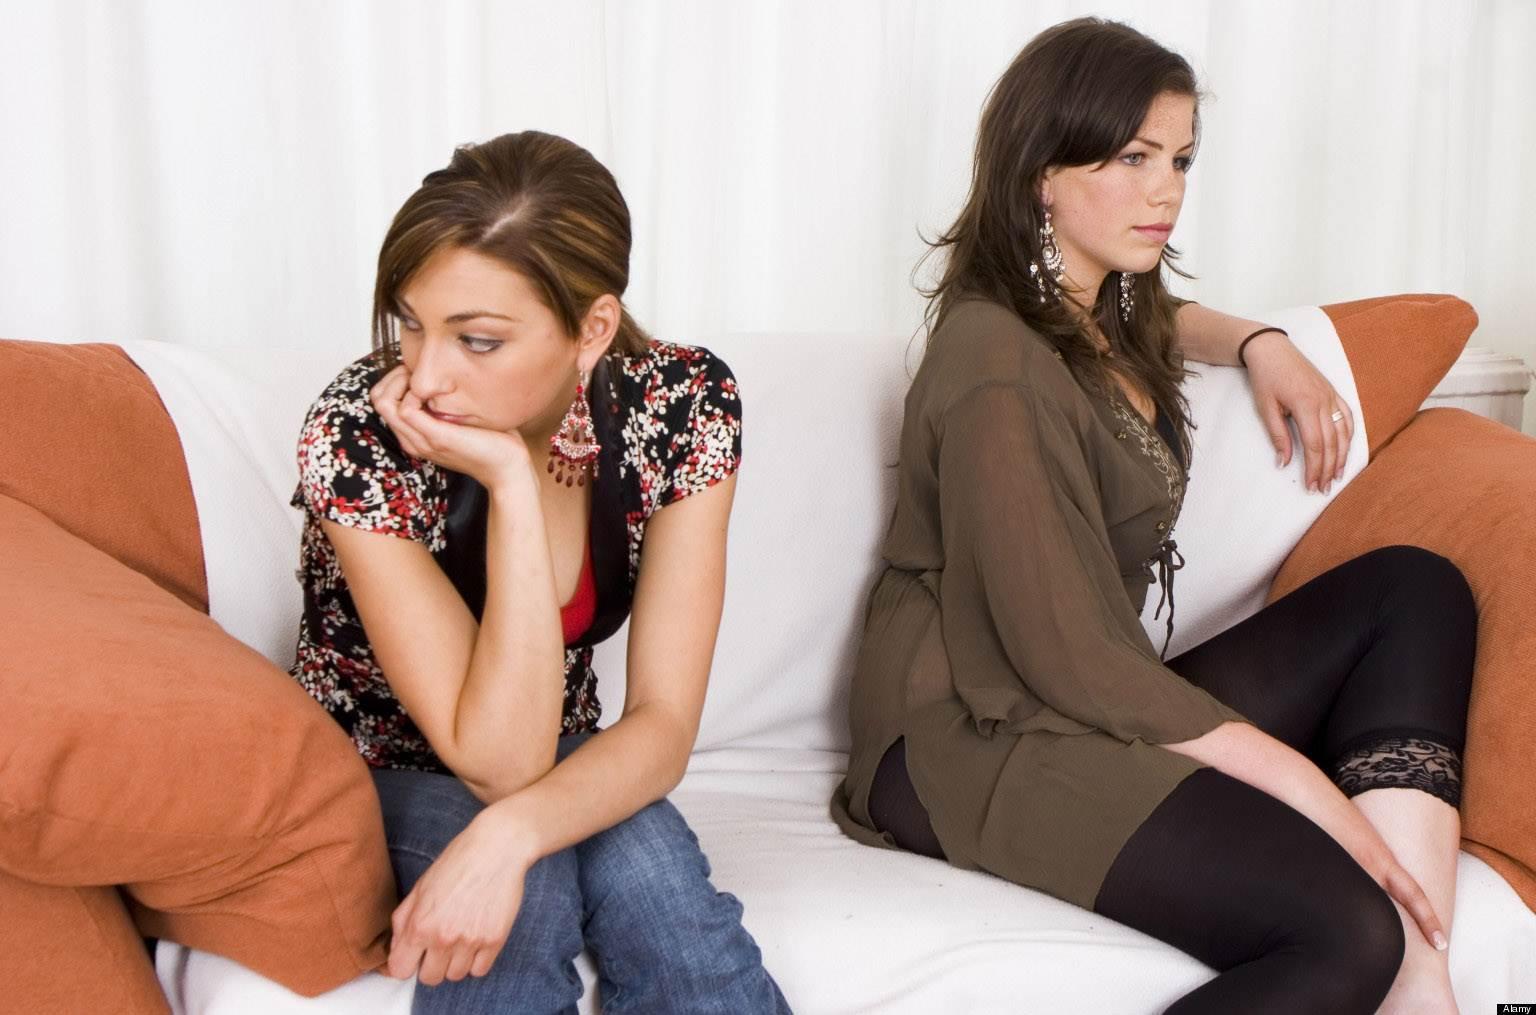 63601680174132210869329292_Dealing-With-A-Best-Friend-Break-Up-2.jpg